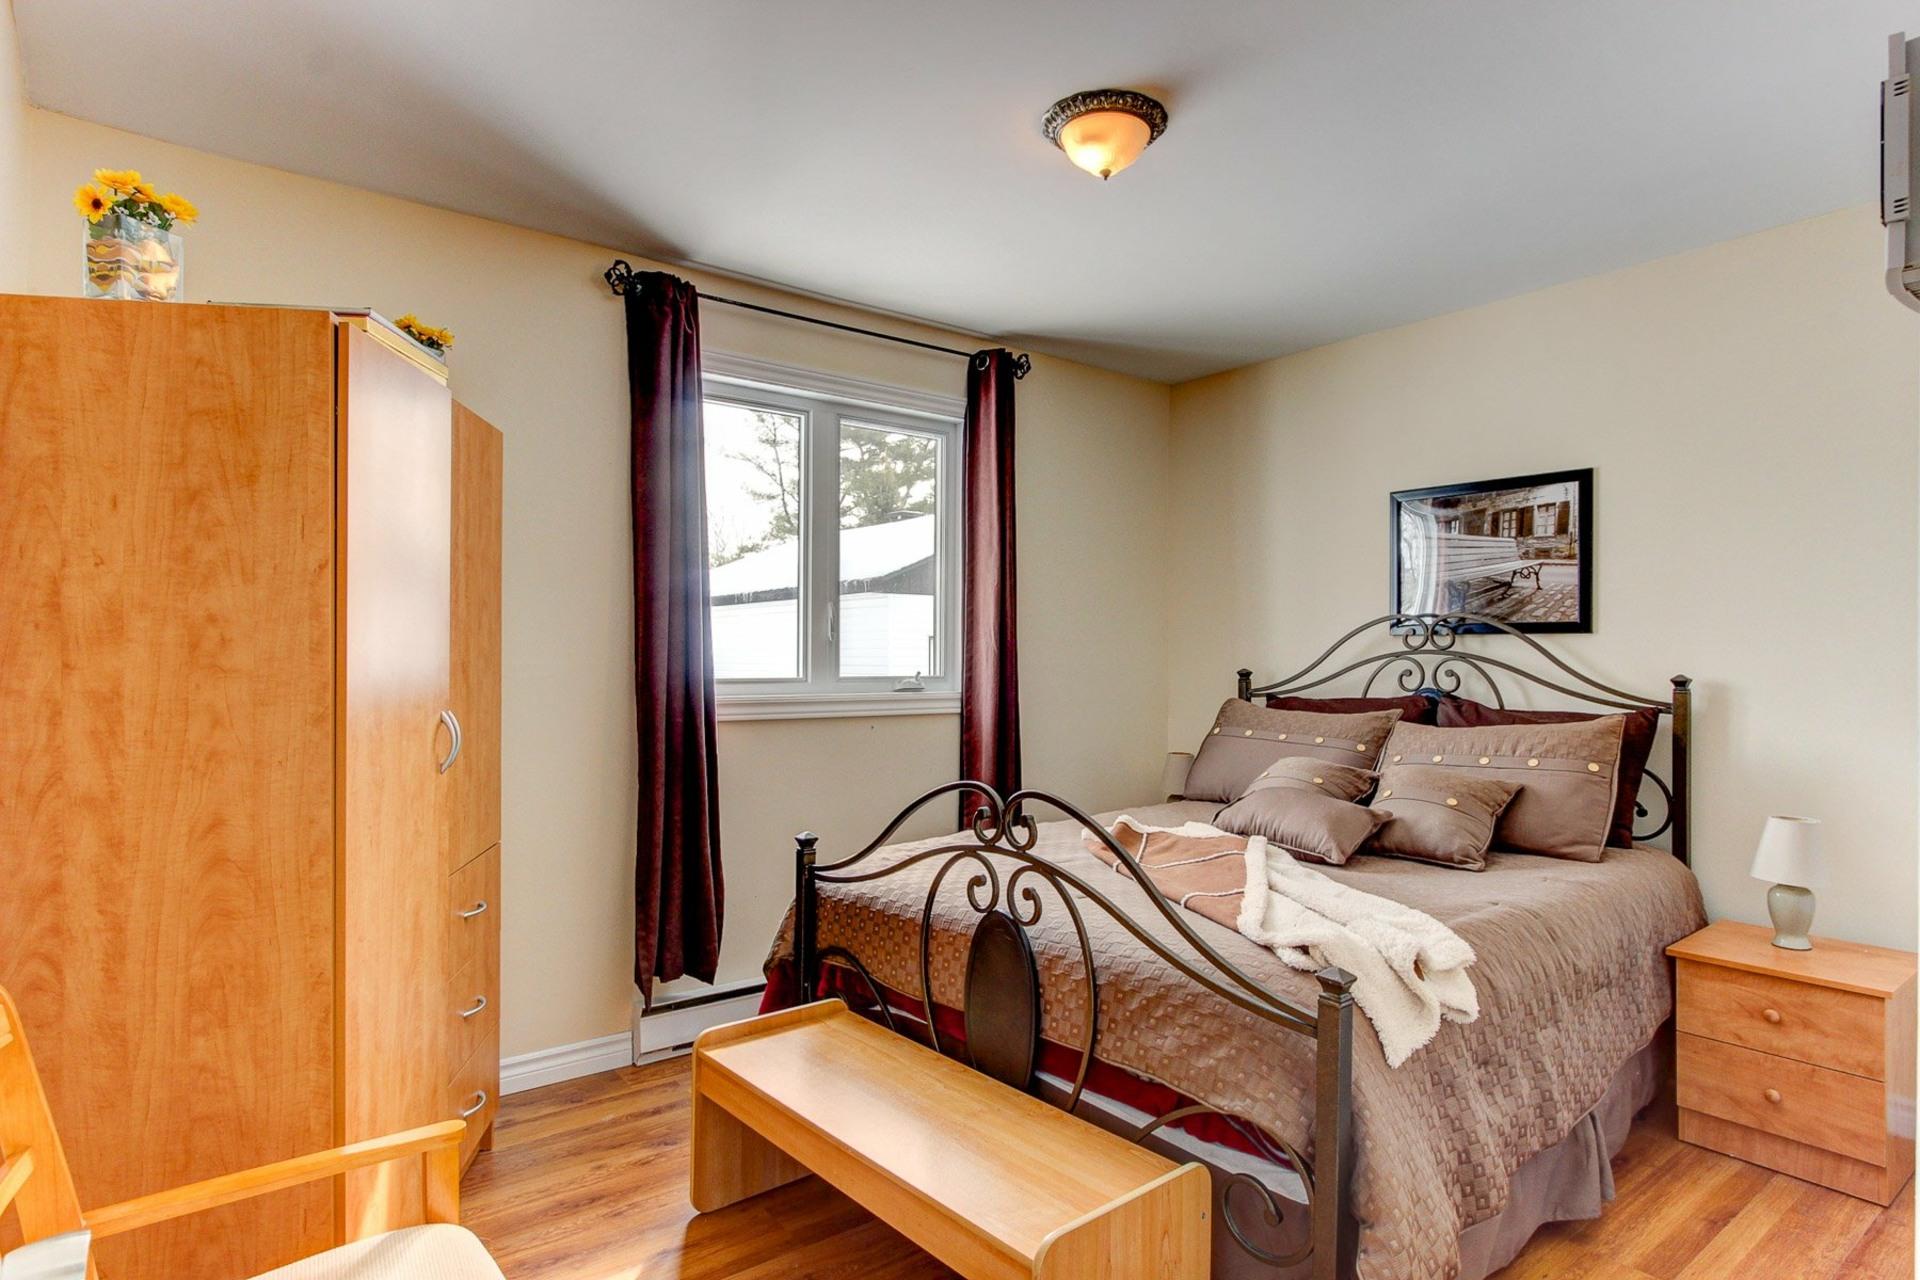 image 7 - Maison À vendre Trois-Rivières - 7 pièces